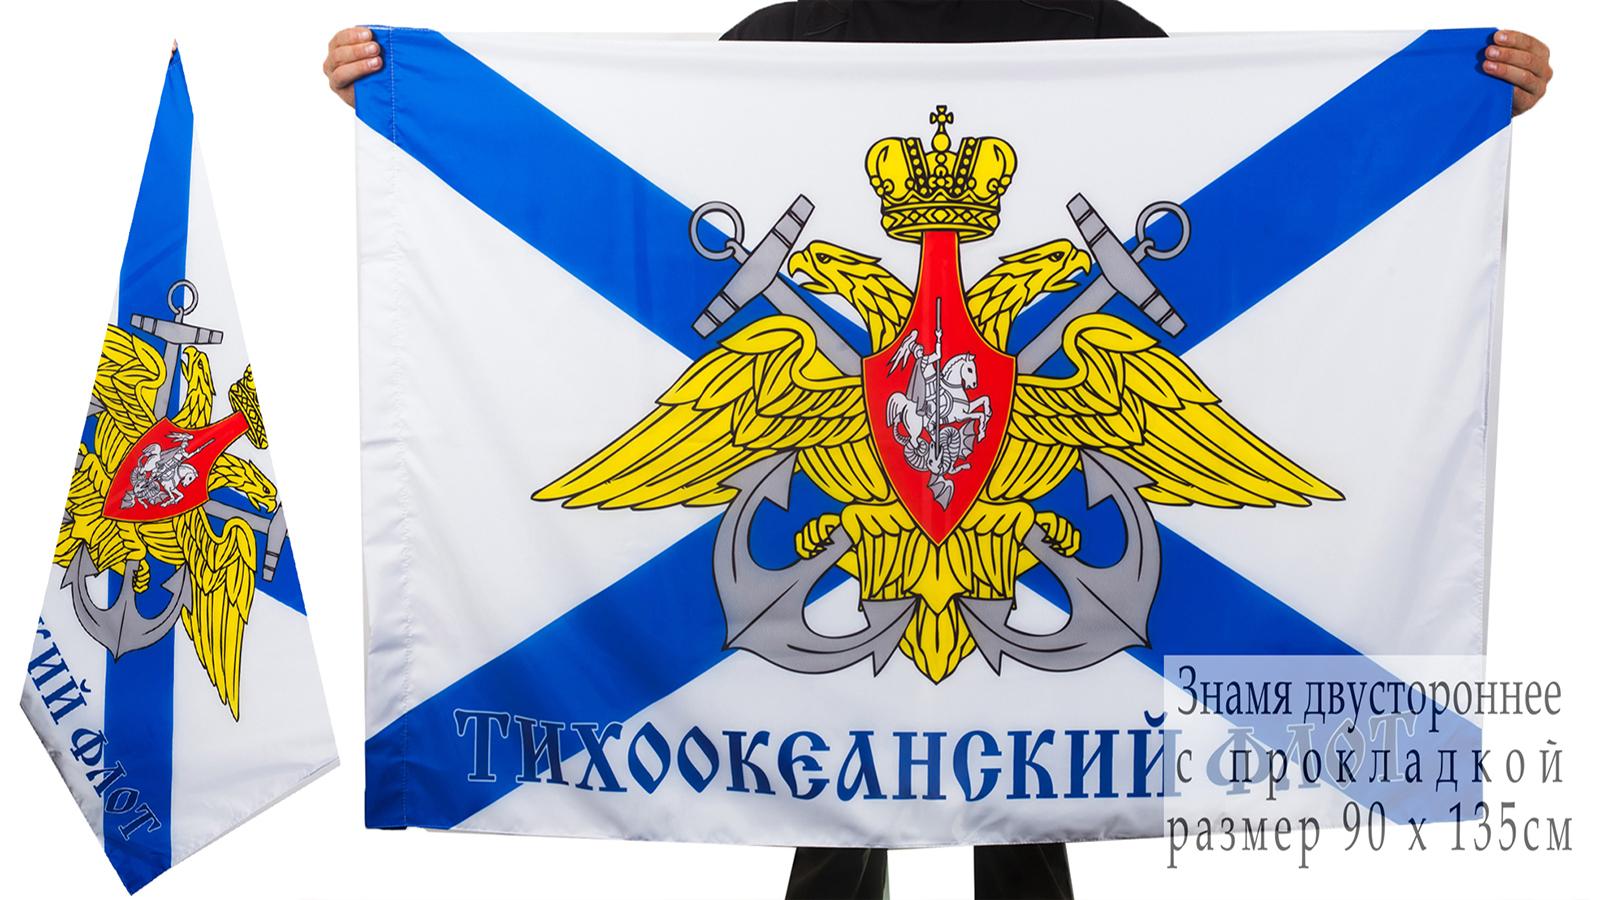 Купить двухсторонний флаг Тихоокеанского флота